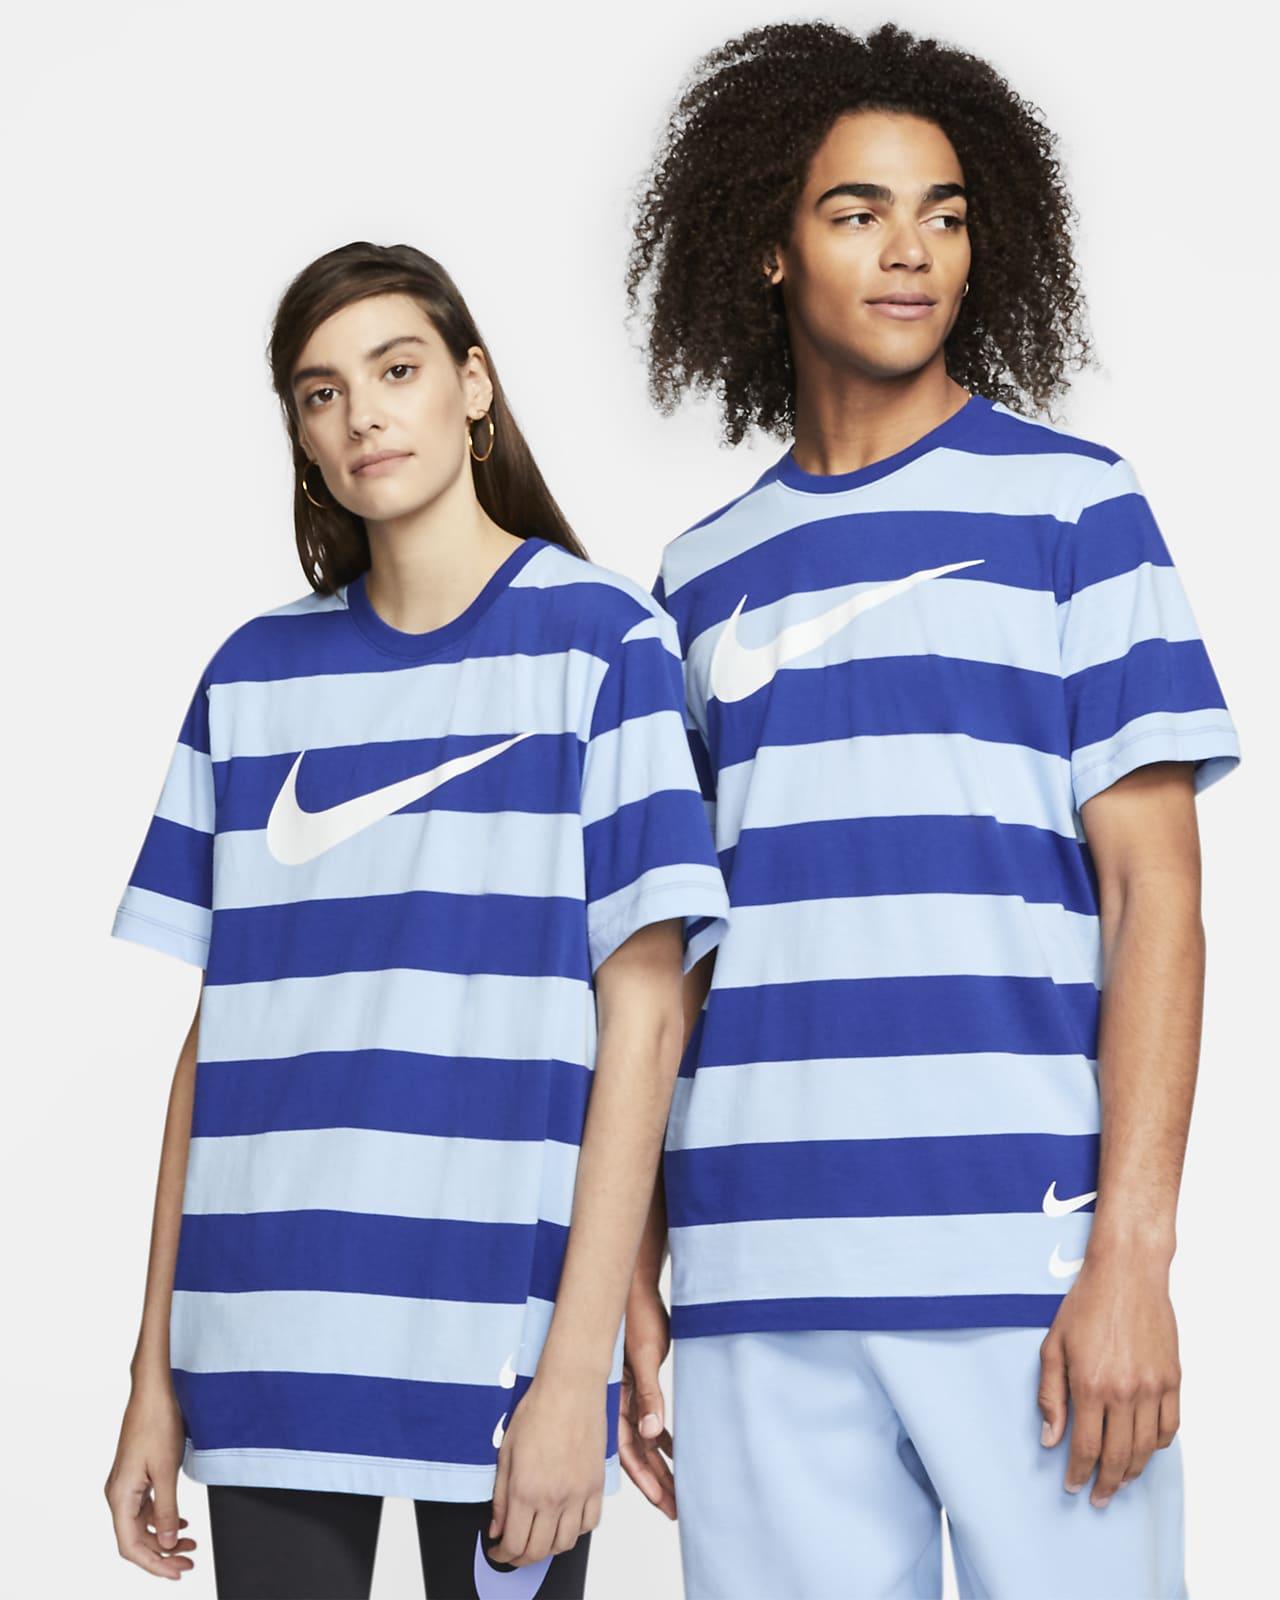 ナイキ スポーツウェア スウッシュ メンズ ストライプ Tシャツ